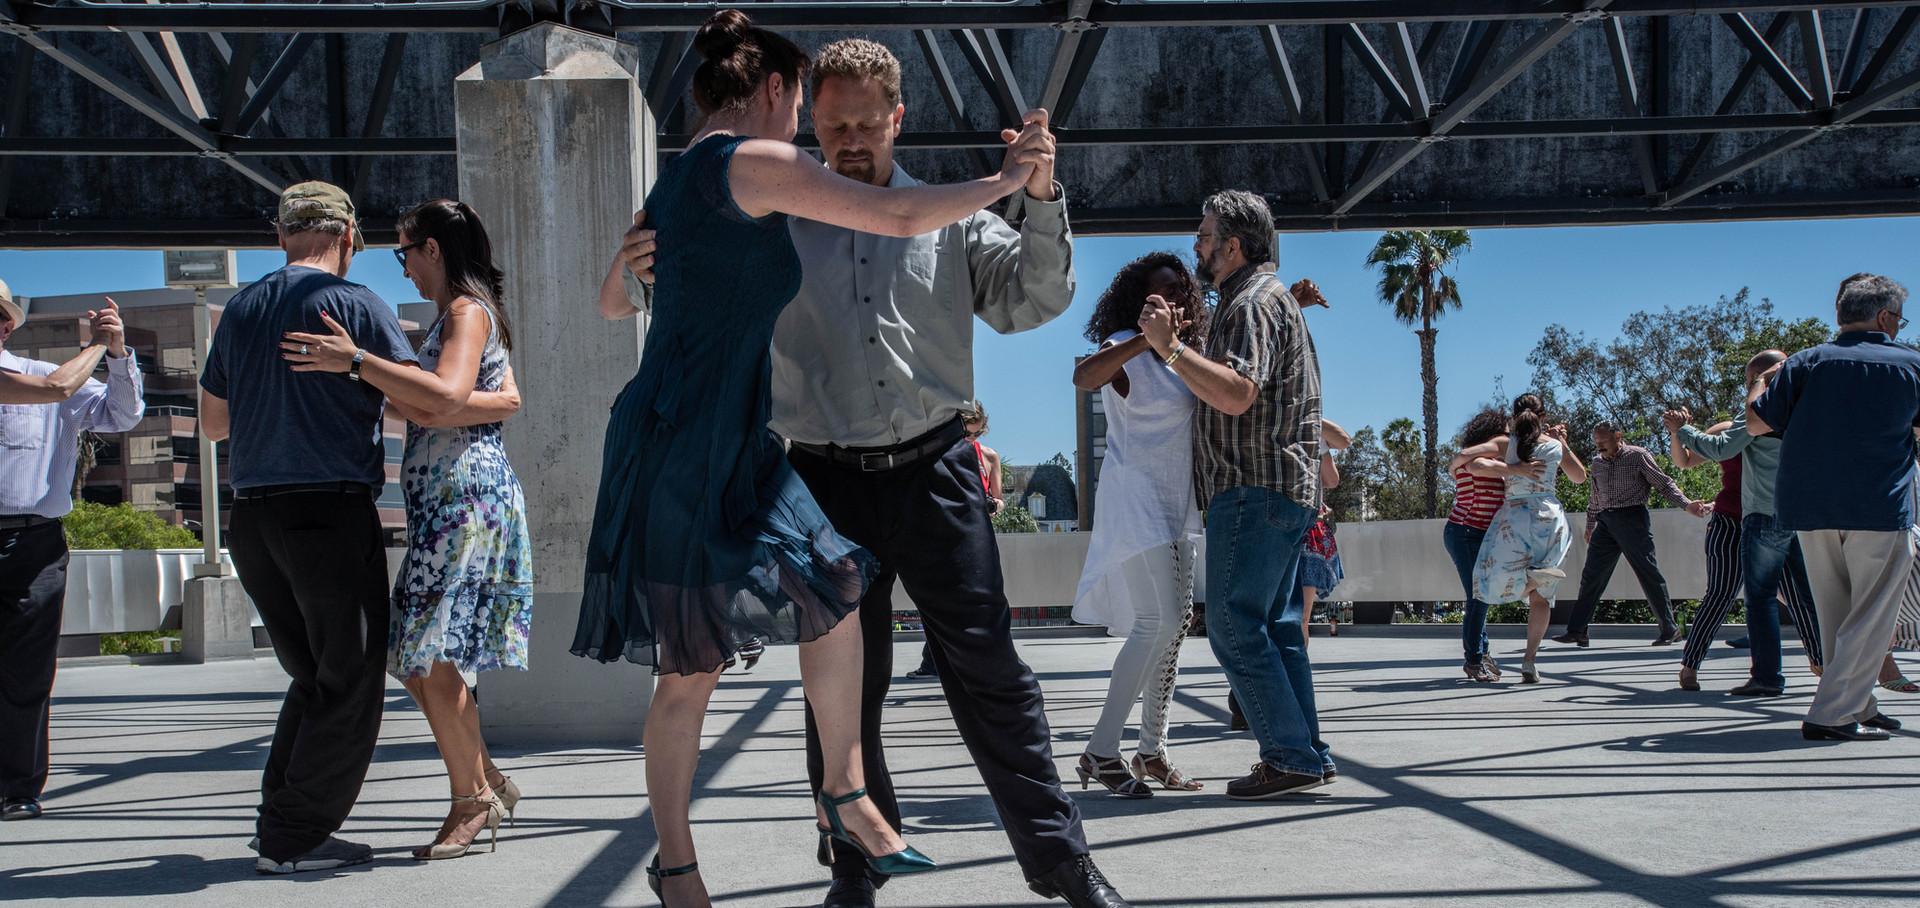 Tango rebels at La Brea Tarpits